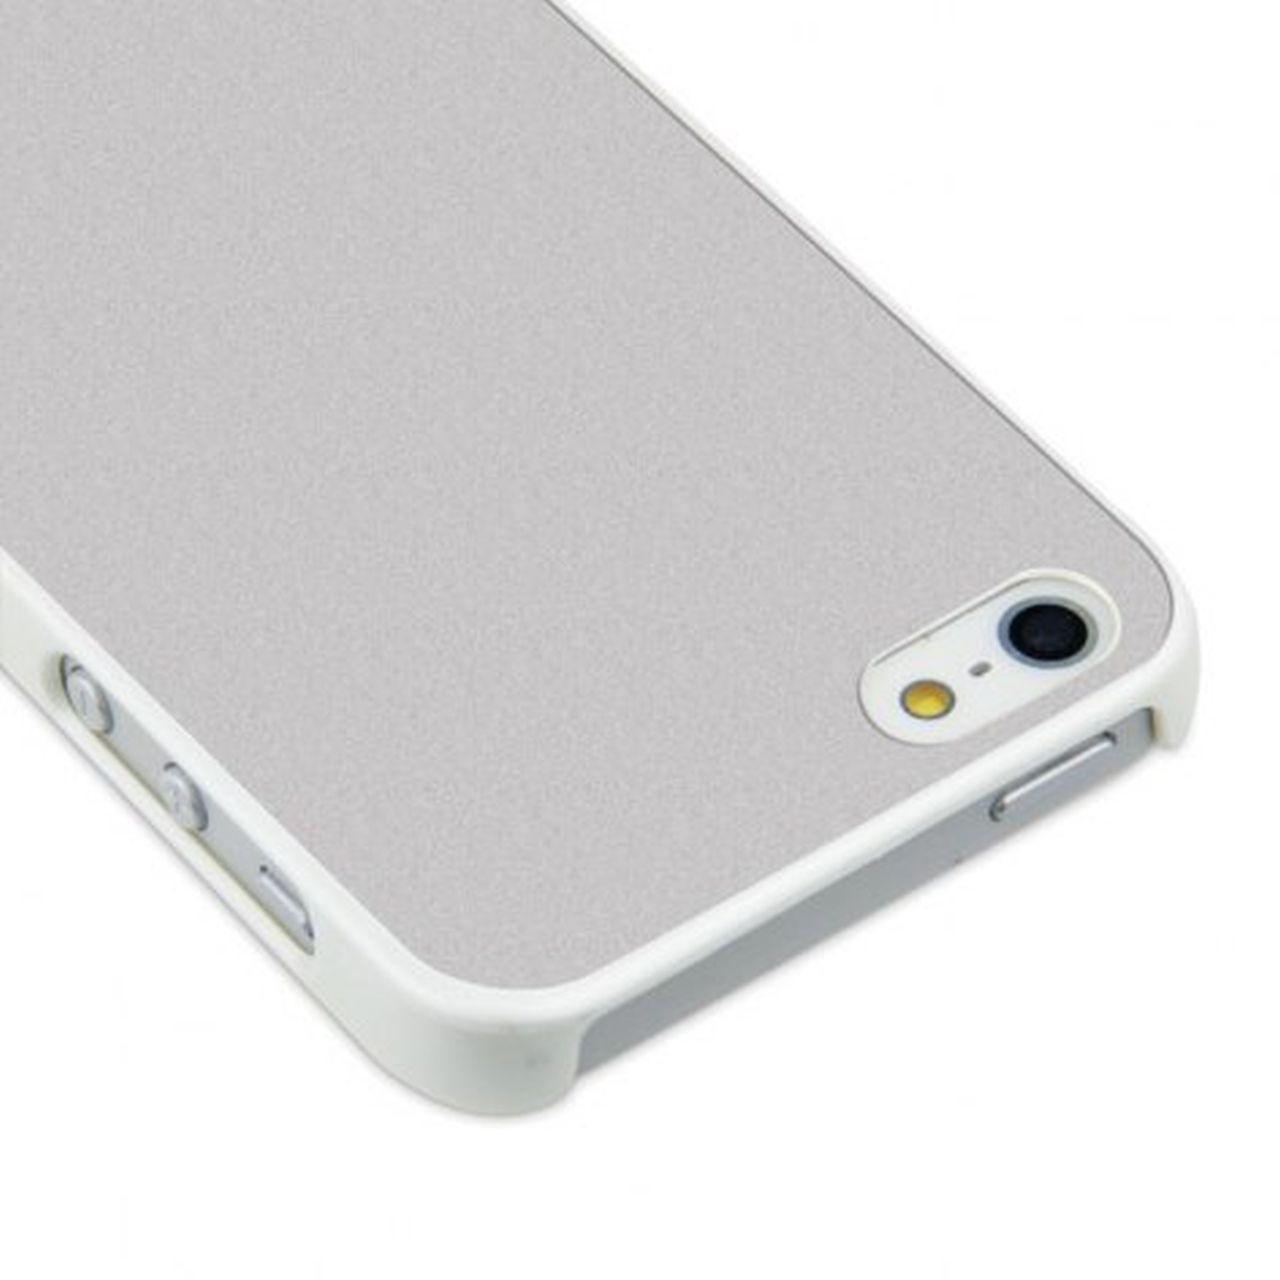 Sublicover bianca perlata argento iphone-5